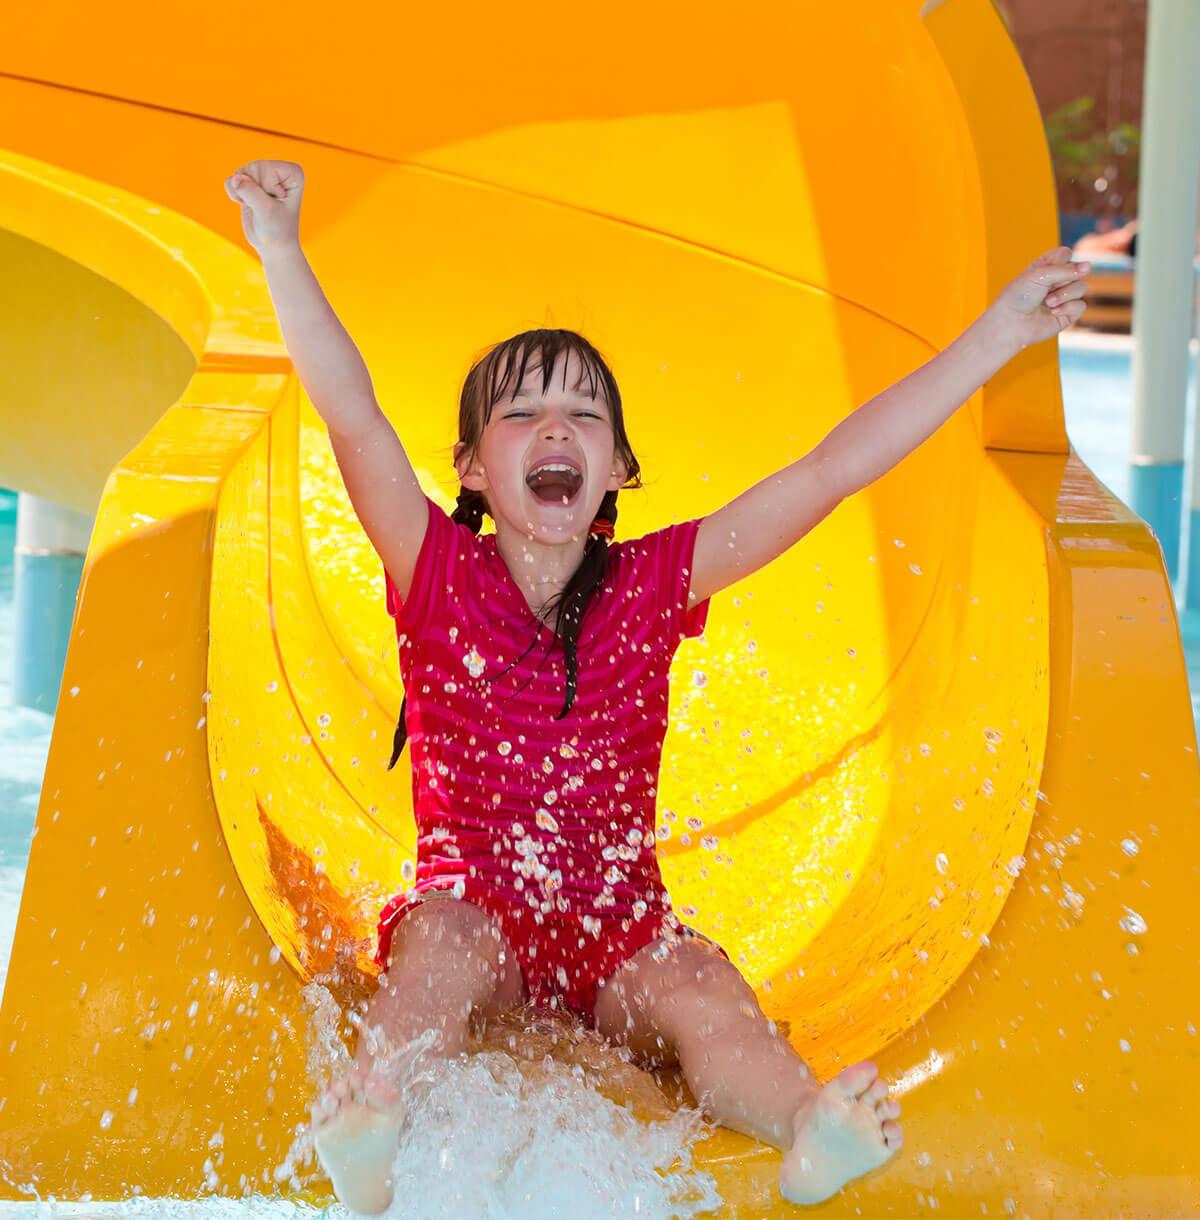 Το Aquapolis ανοίγει την 1η Ιουλίου – Ανακοινώθηκαν οι τιμές εισόδου